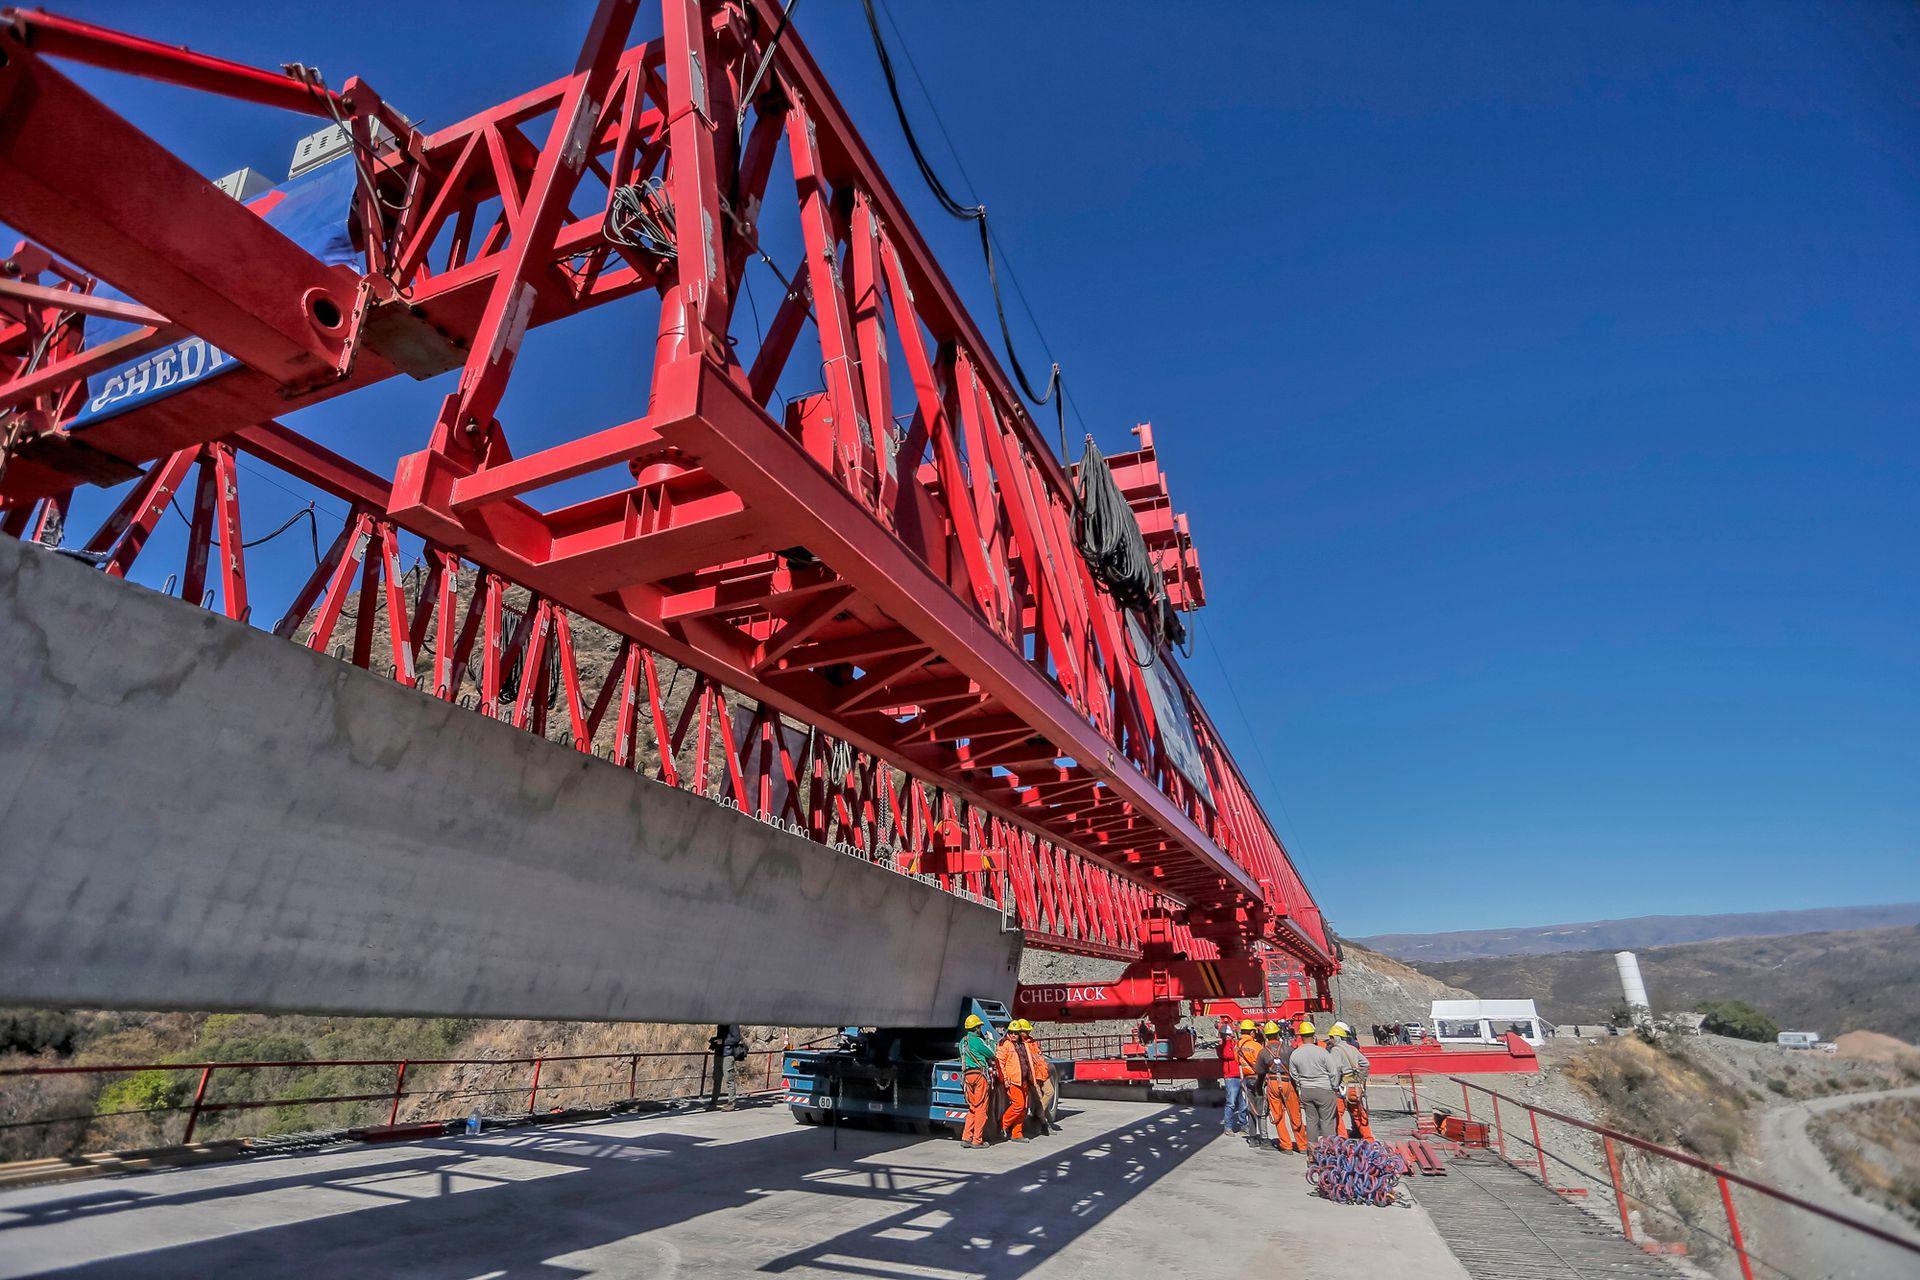 El viaducto número uno y el último en terminarse, tiene una altura de 75 metros desde la base de la montaña